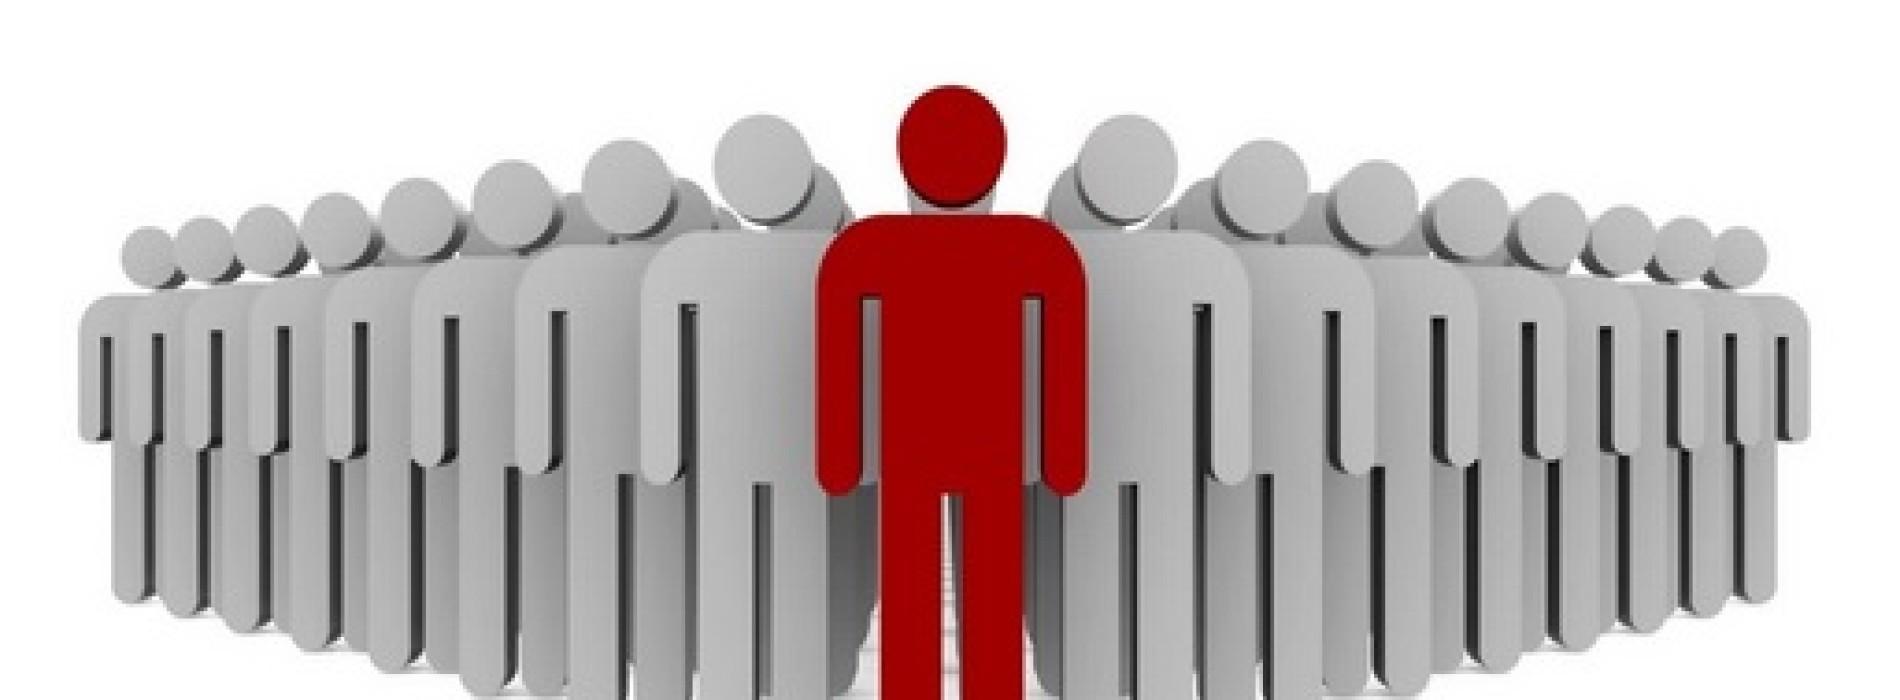 W jaki sposób firma wybiera menadżera?